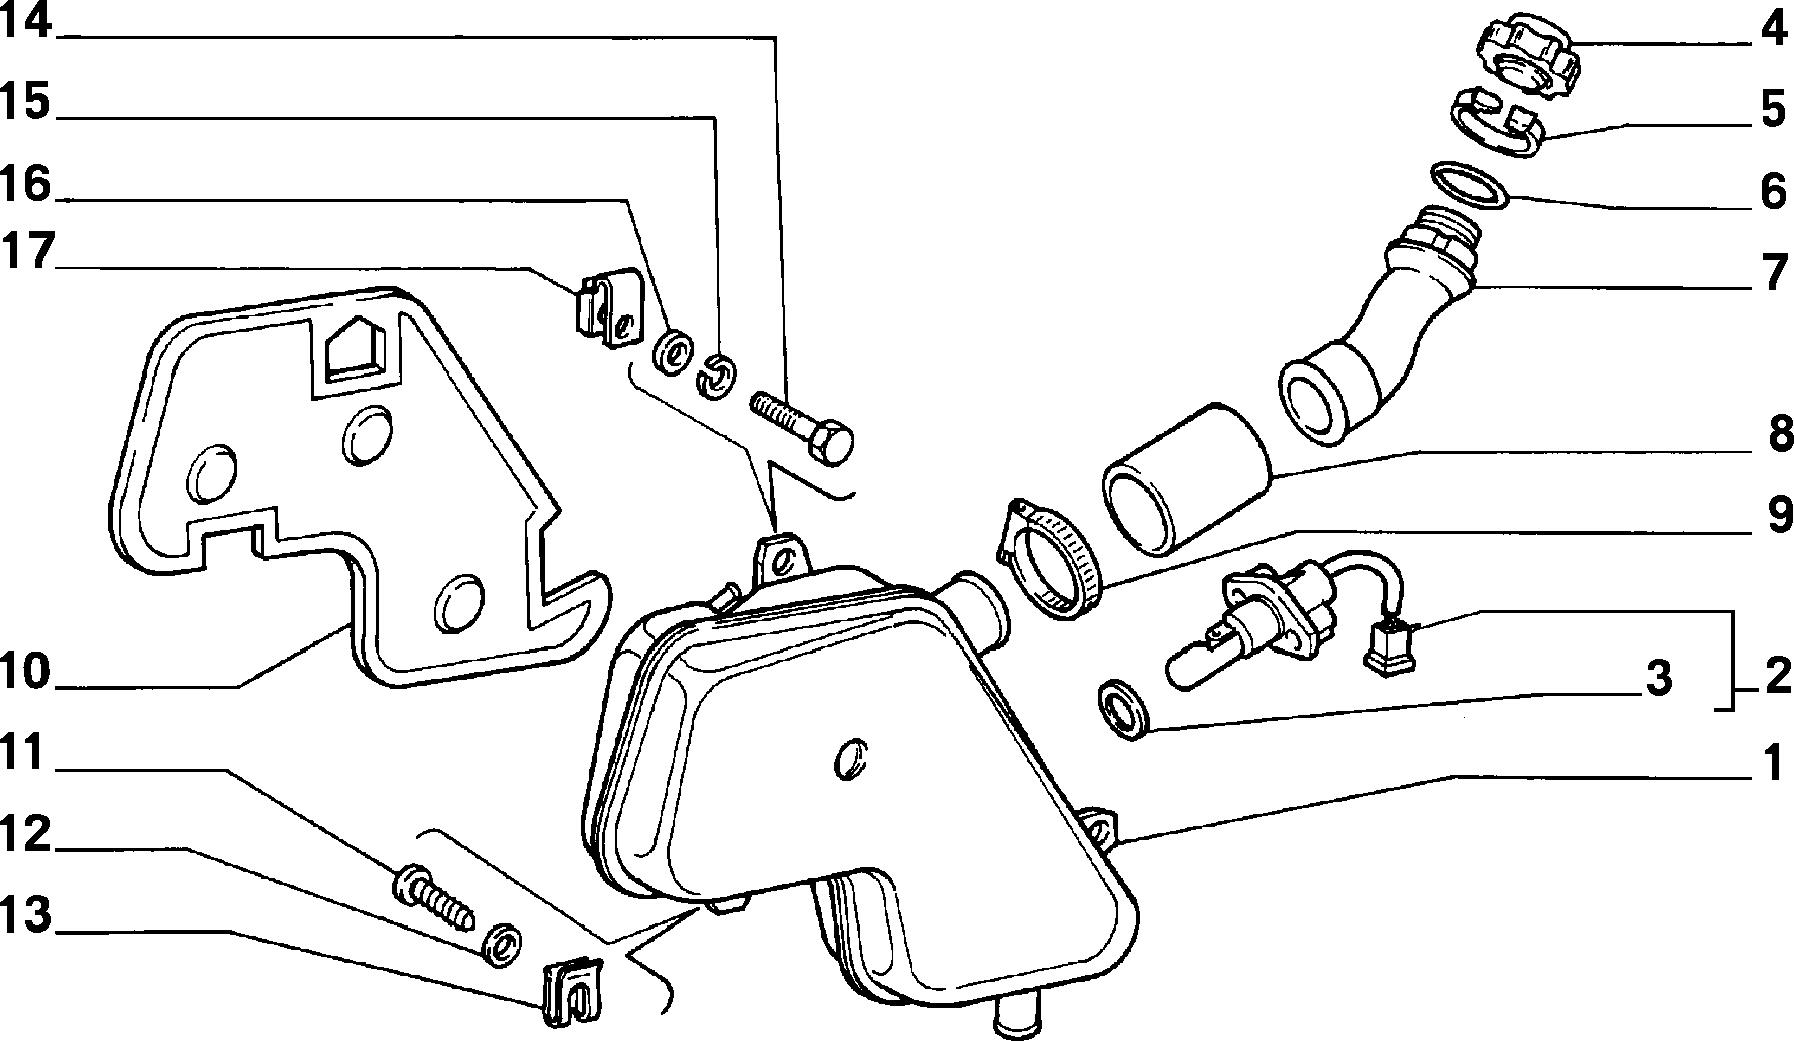 10401/00 РАДИАТОР И ТРУБОПРОВОДЫ